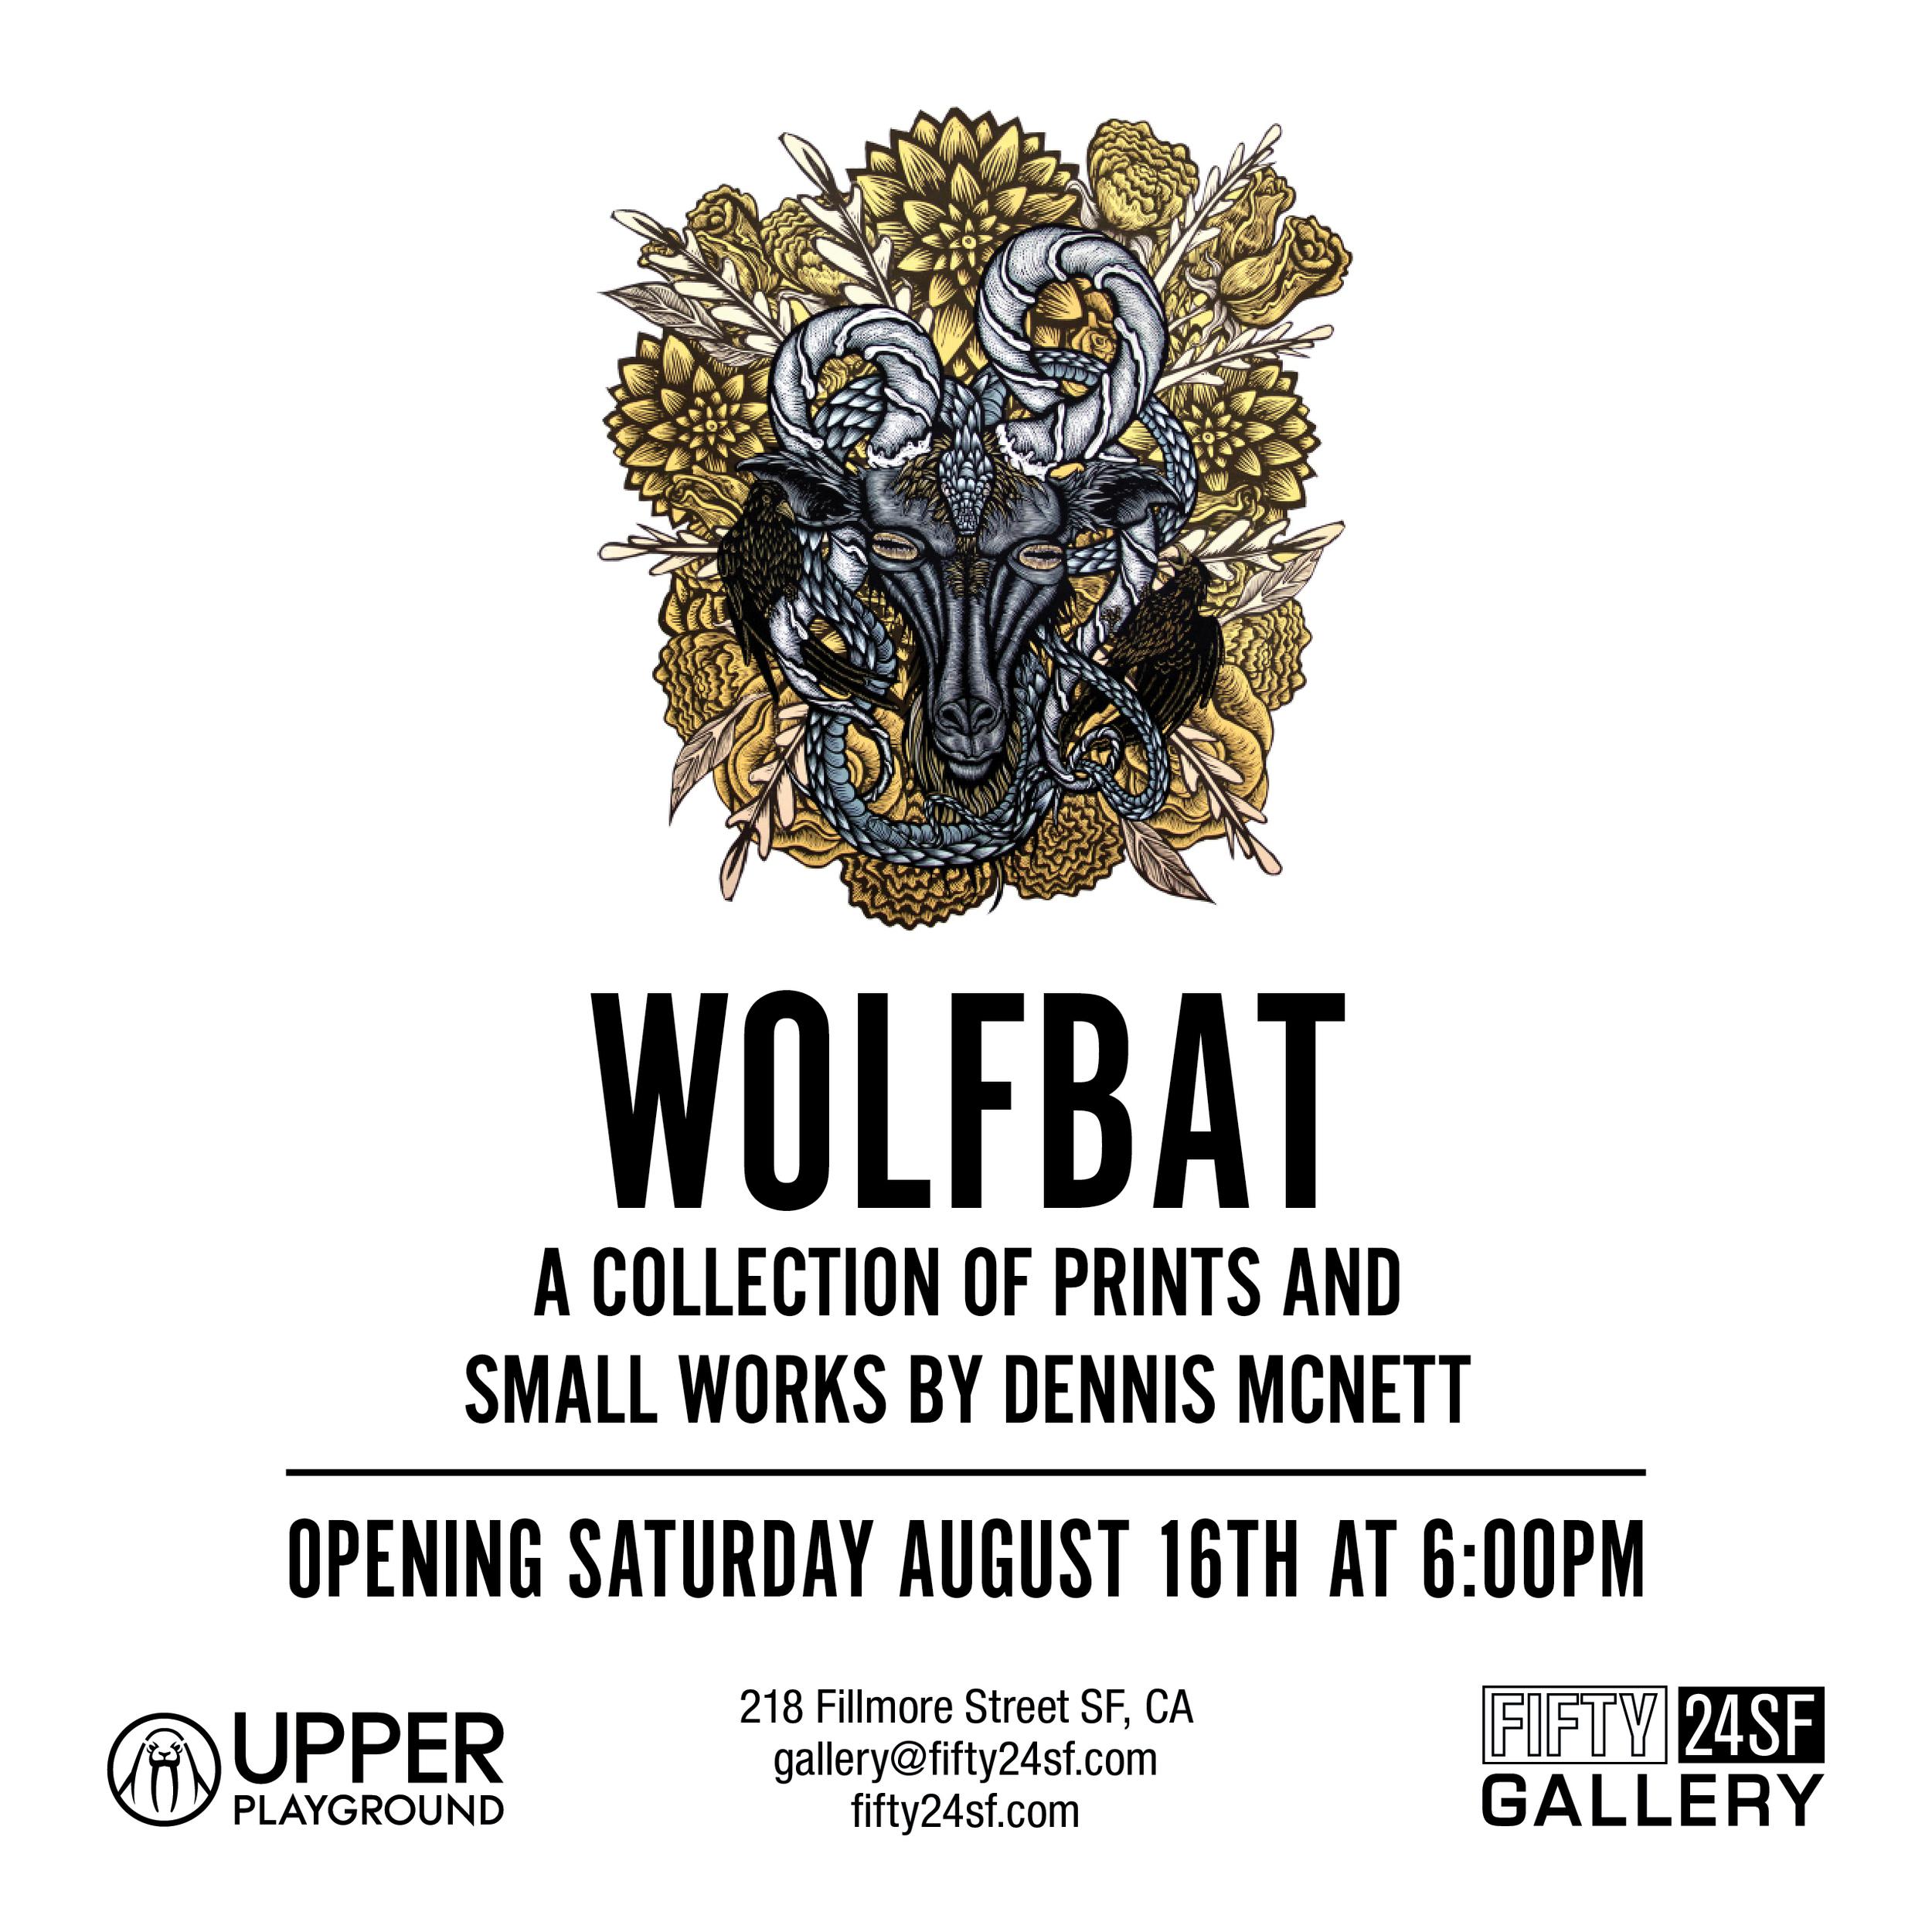 WOLFBAT BY DENNIS MCNETT